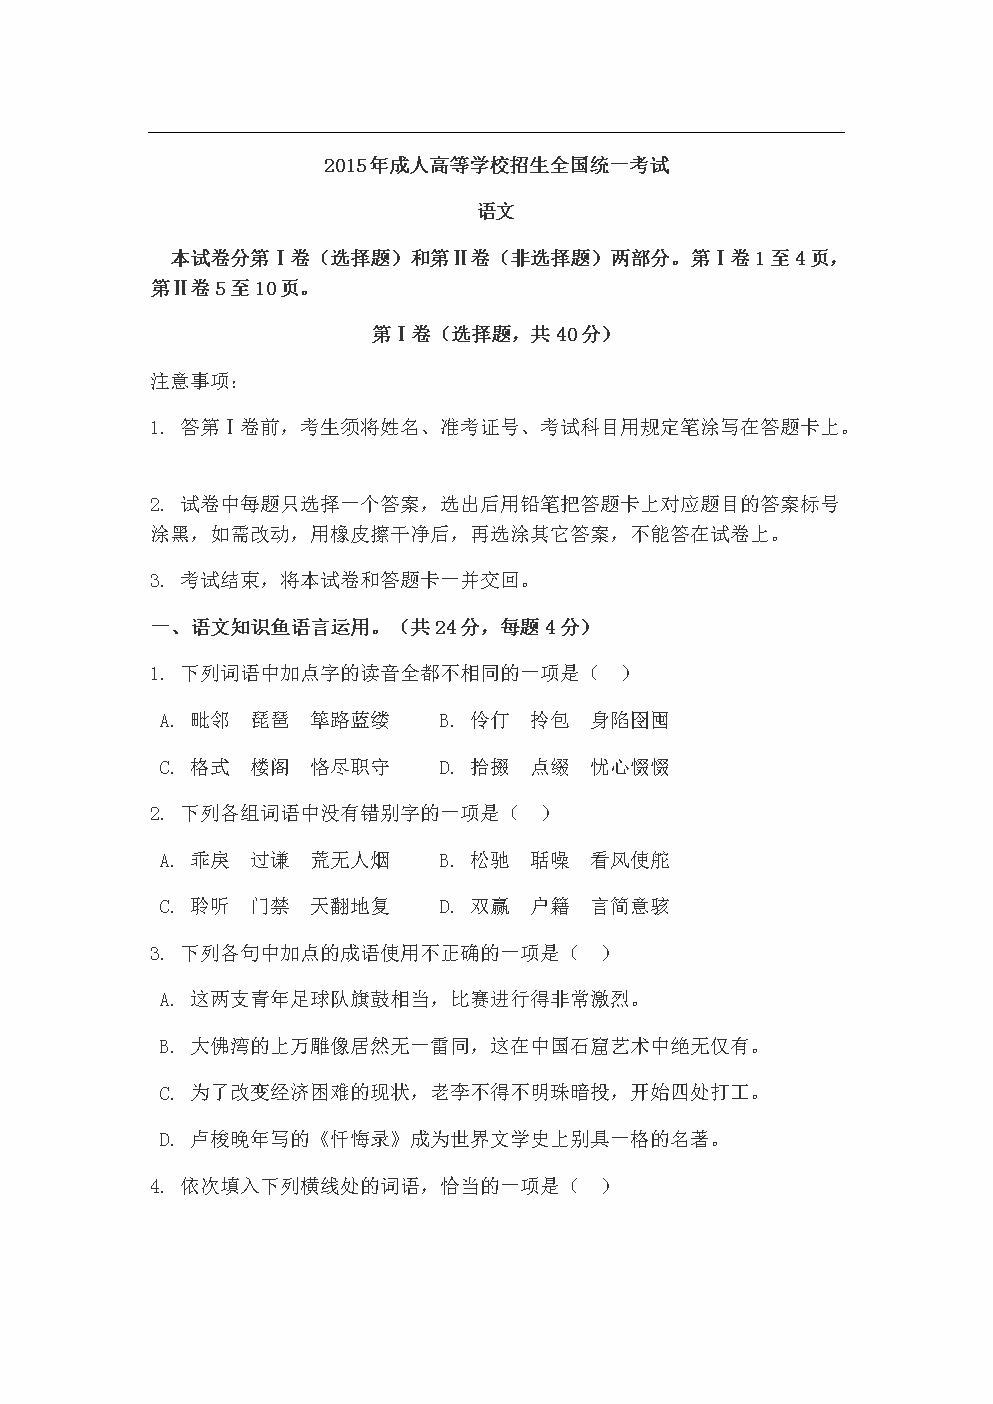 成人高考之语文真题及答案.doc